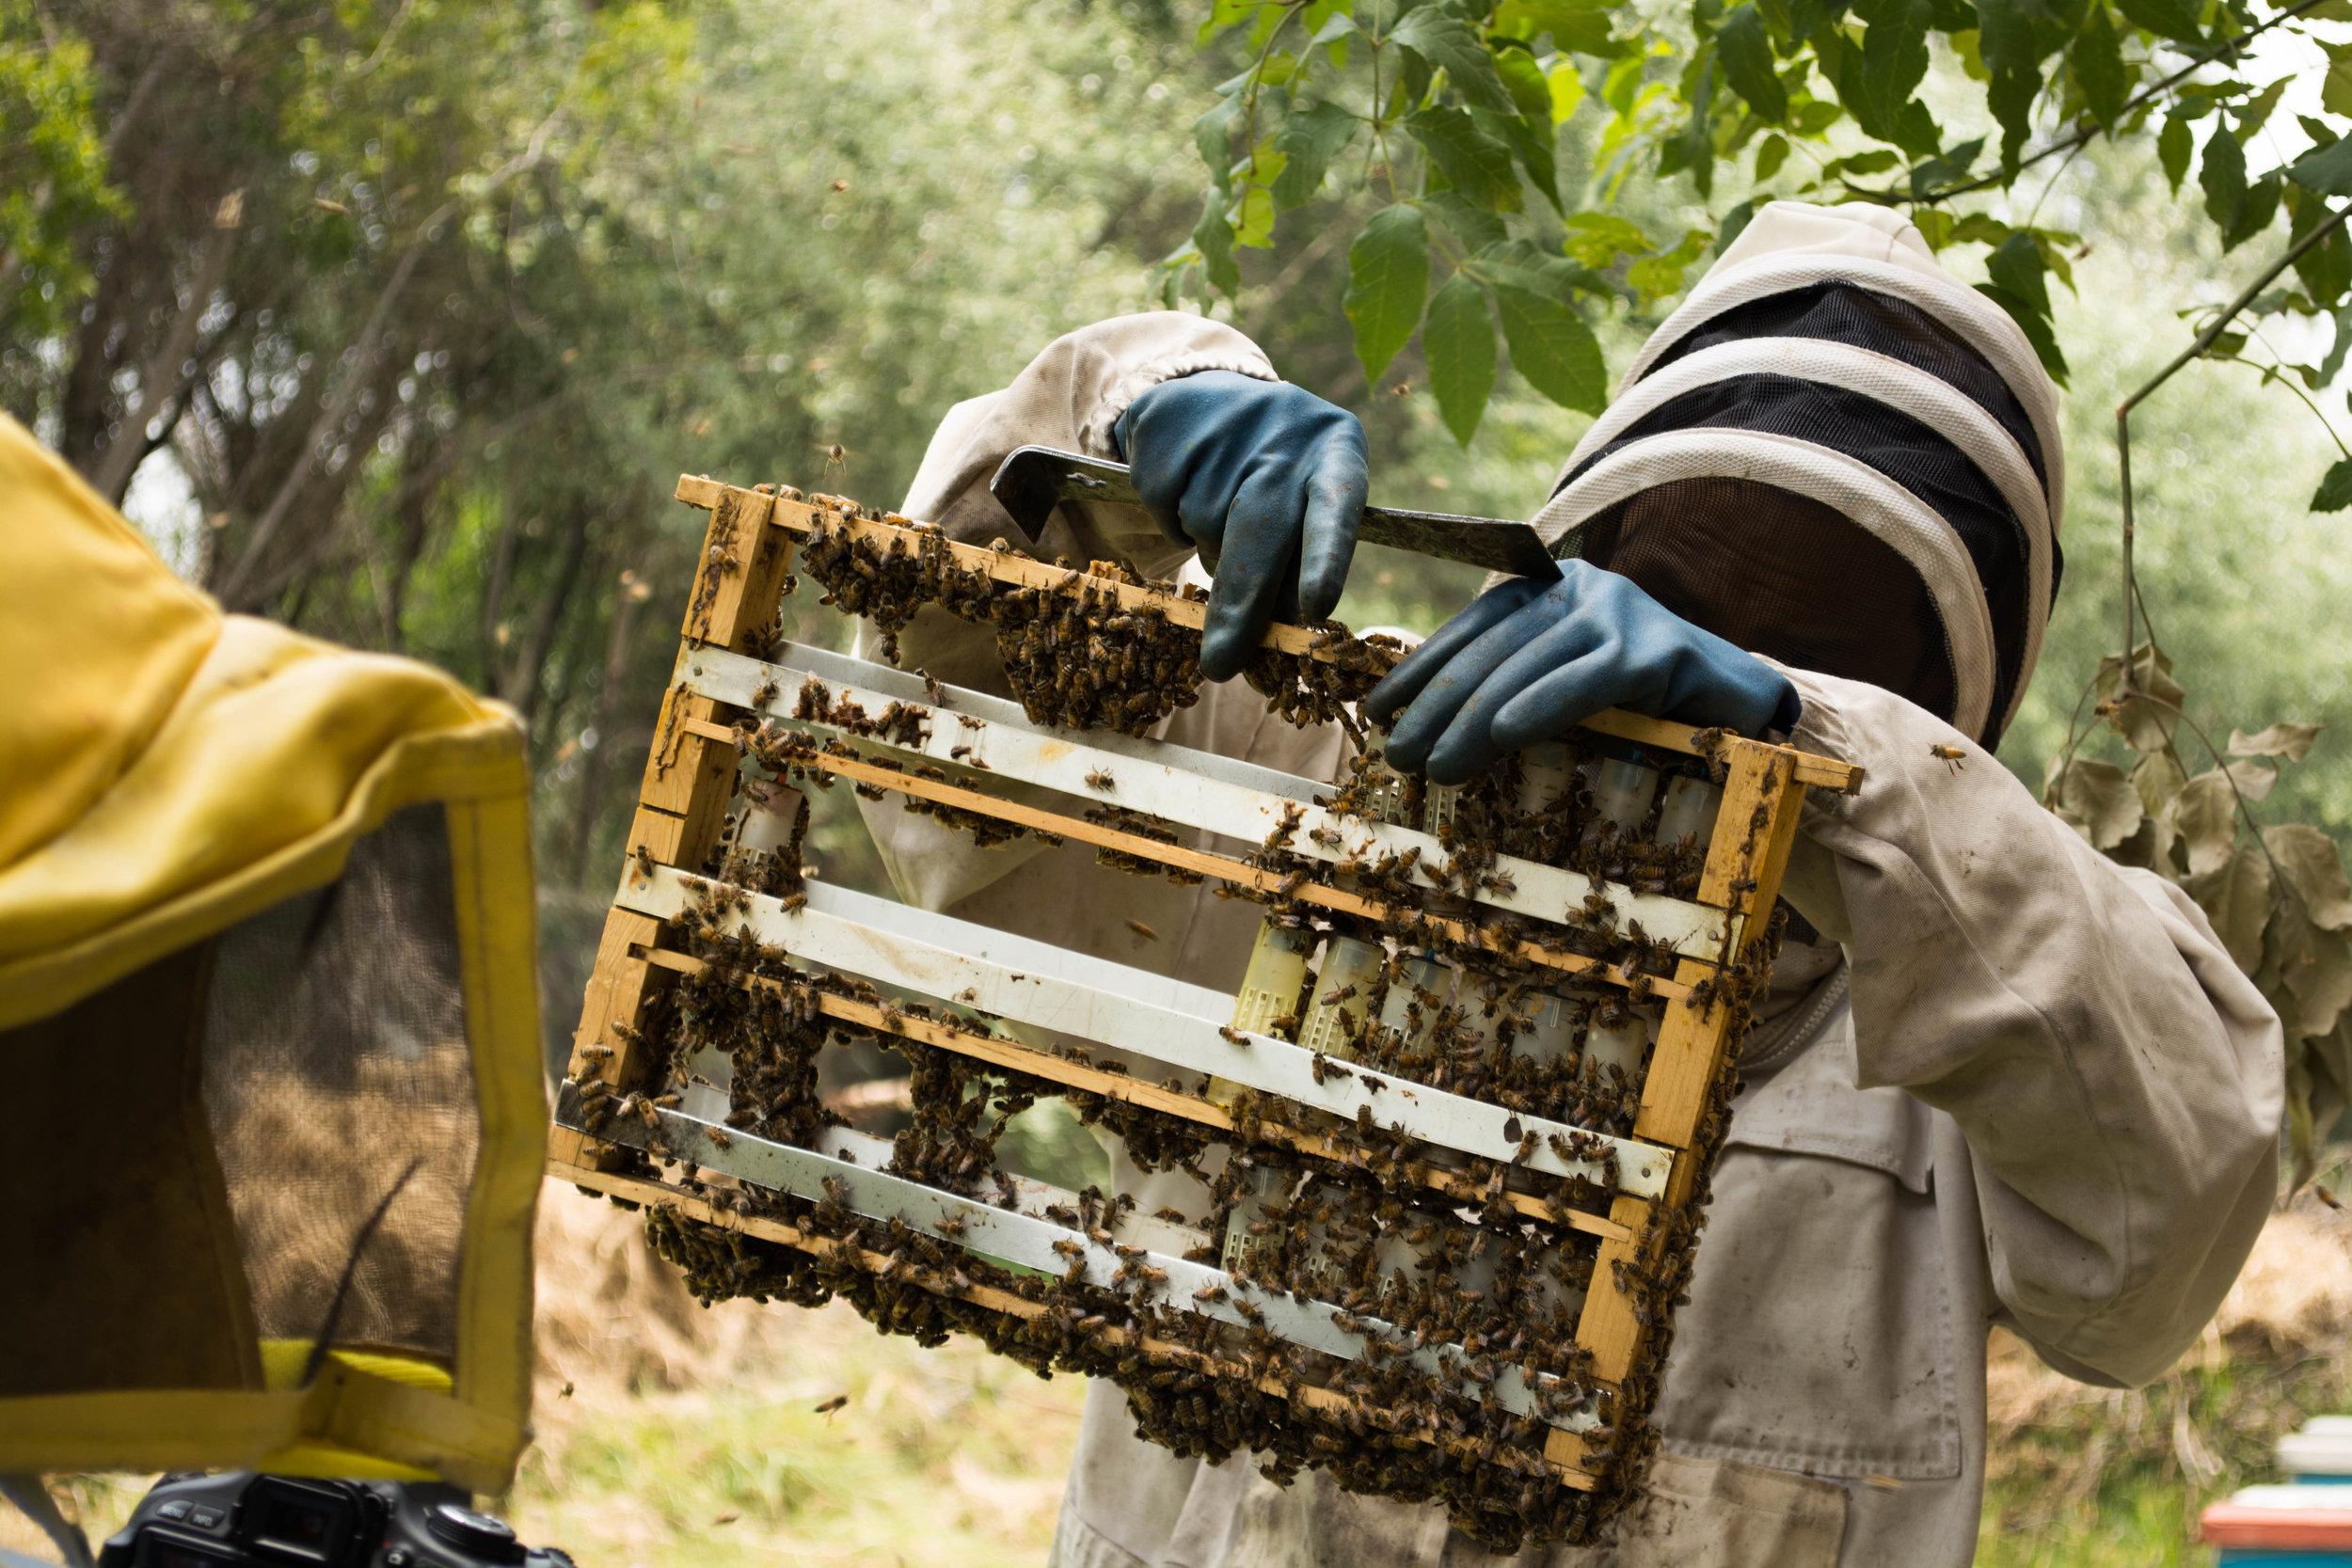 Trato Directo,Comercio Justo - Ese soy yo, Omar López, fundador de Duxi, trabajando en los campos donde producimos nuestra miel. Contáctanos hoy para surtir tu negocio, mi esposa o yo responderemos todas tus dudas directamente.Somos Duxi, distribuidores de miel radicados en Puebla. Ofrecemos miel y productos apícolas de la más alta calidad para clientes de México y el extranjero.Llámanos o escríbenos, te atenderemos con gusto y responderemos todas tus dudas con respecto a la elaboración y calidad de nuestros productos.